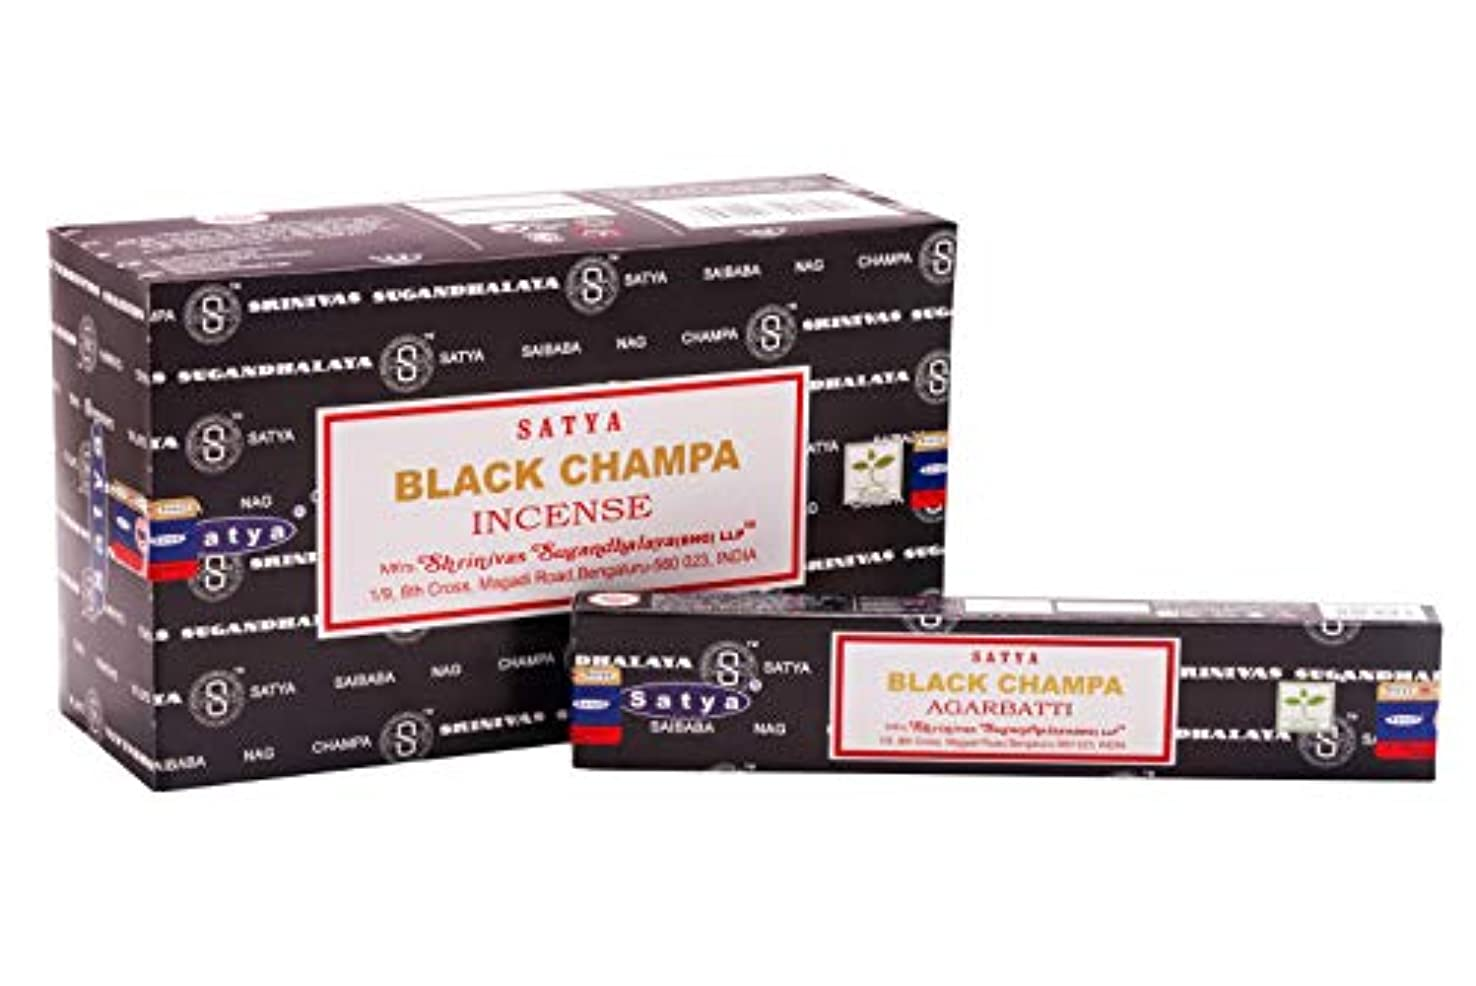 家禽舞い上がる知り合いサティヤ 黒 ナグチャンパ 15g 12個パック (12箱×15グラム)